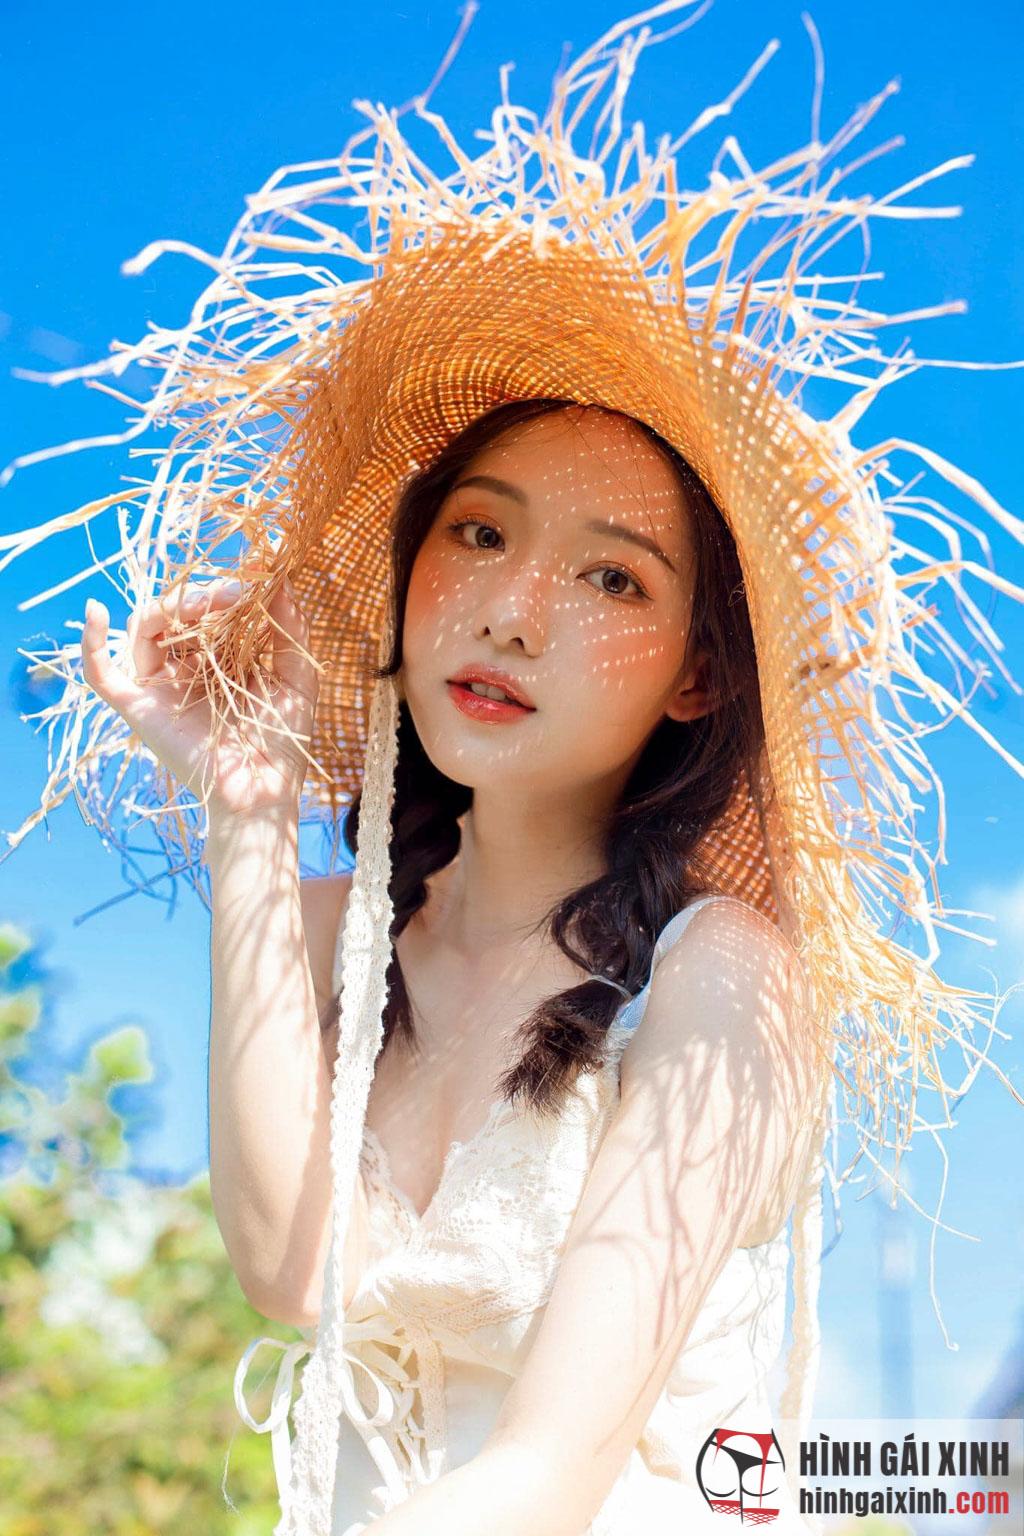 Hình ảnh 1001+ ảnh gái xinh cute cực kỳ dễ dương và đáng yêu